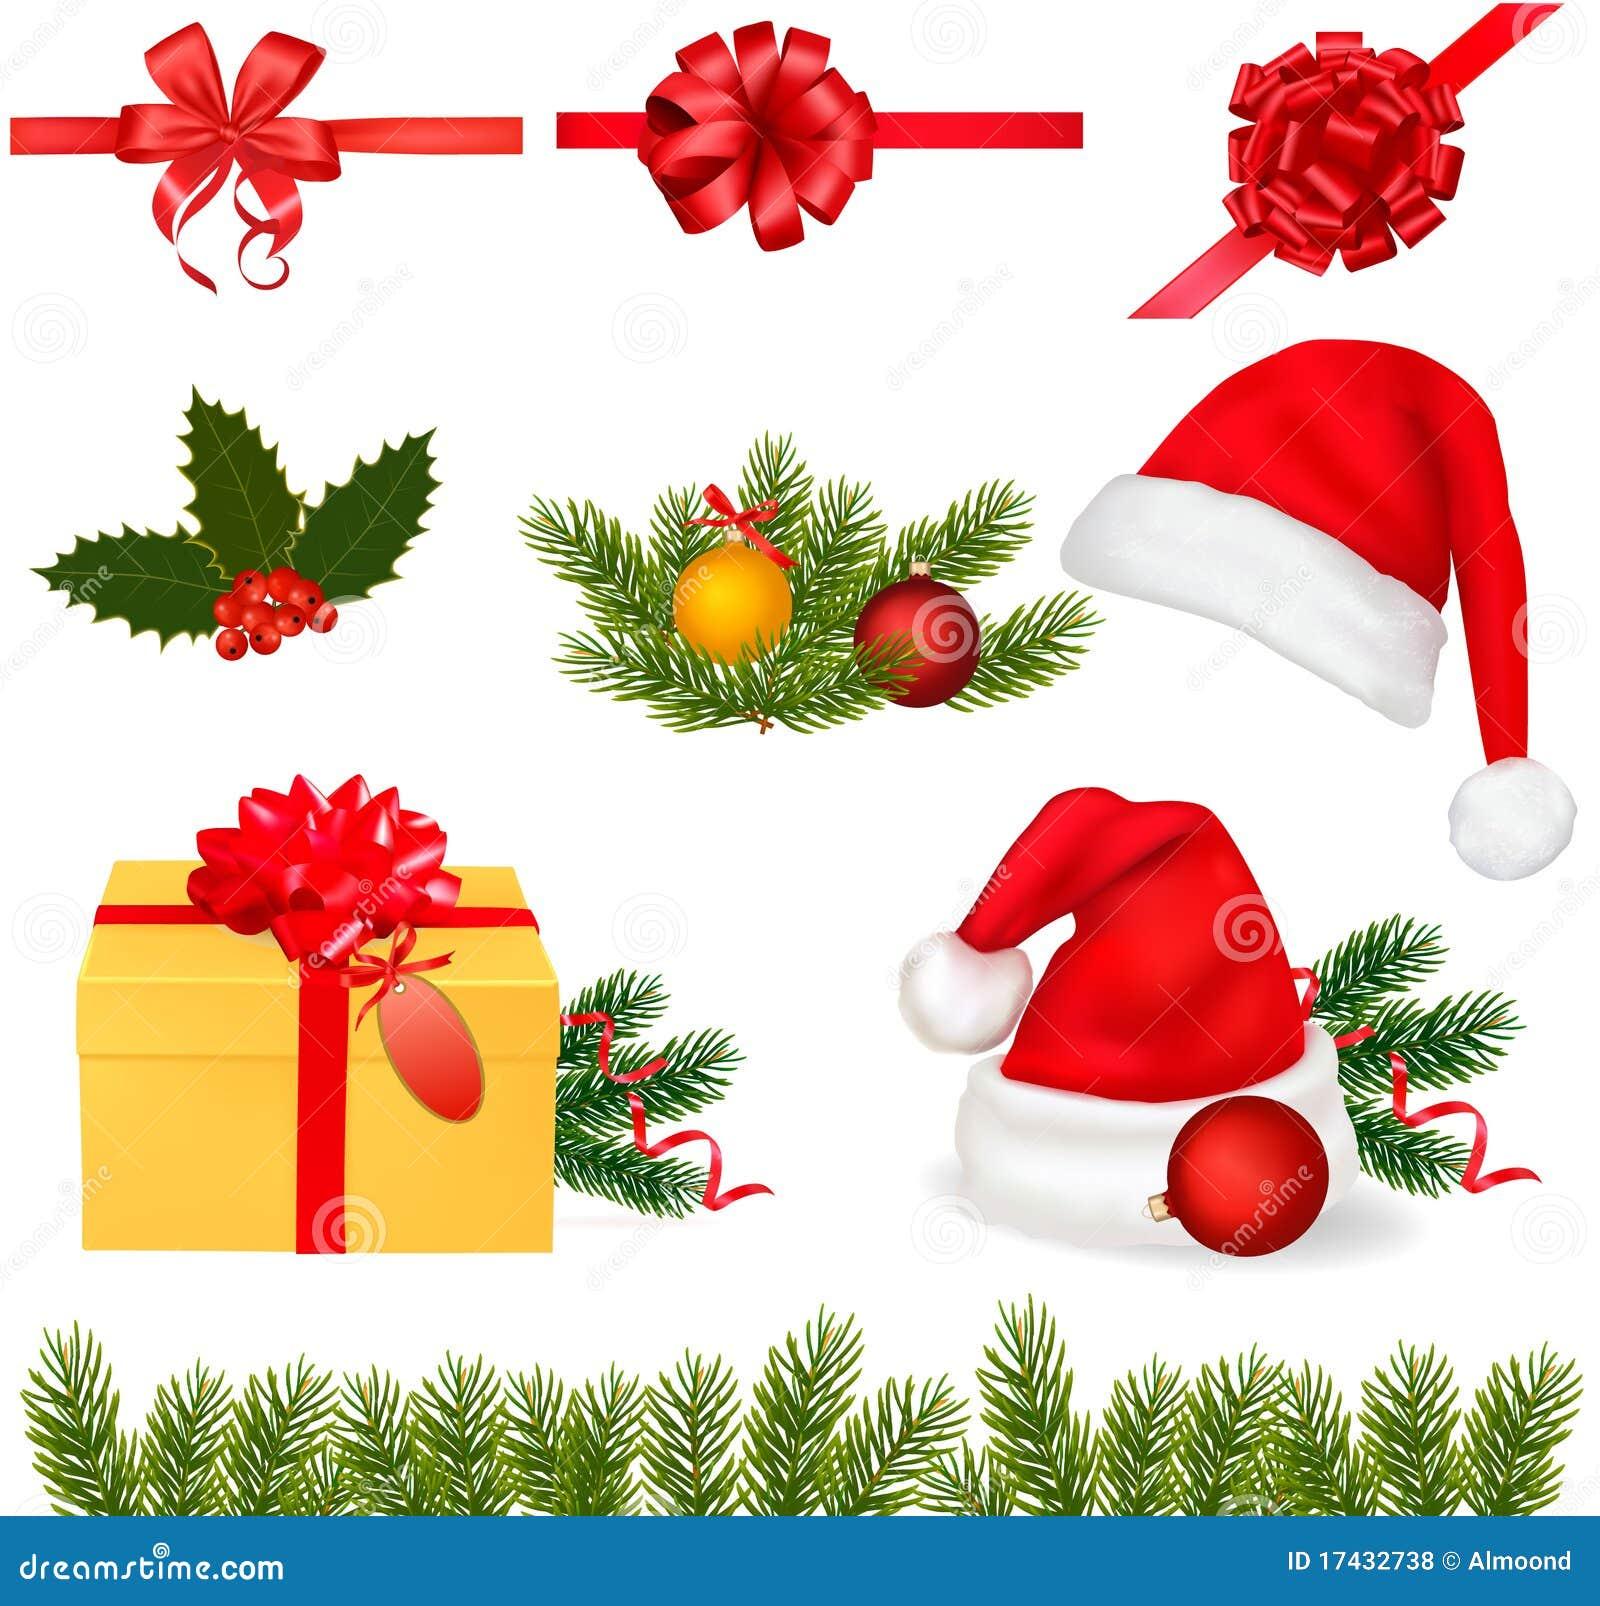 Conjunto de objetos de la navidad vector - Objetos de navidad ...